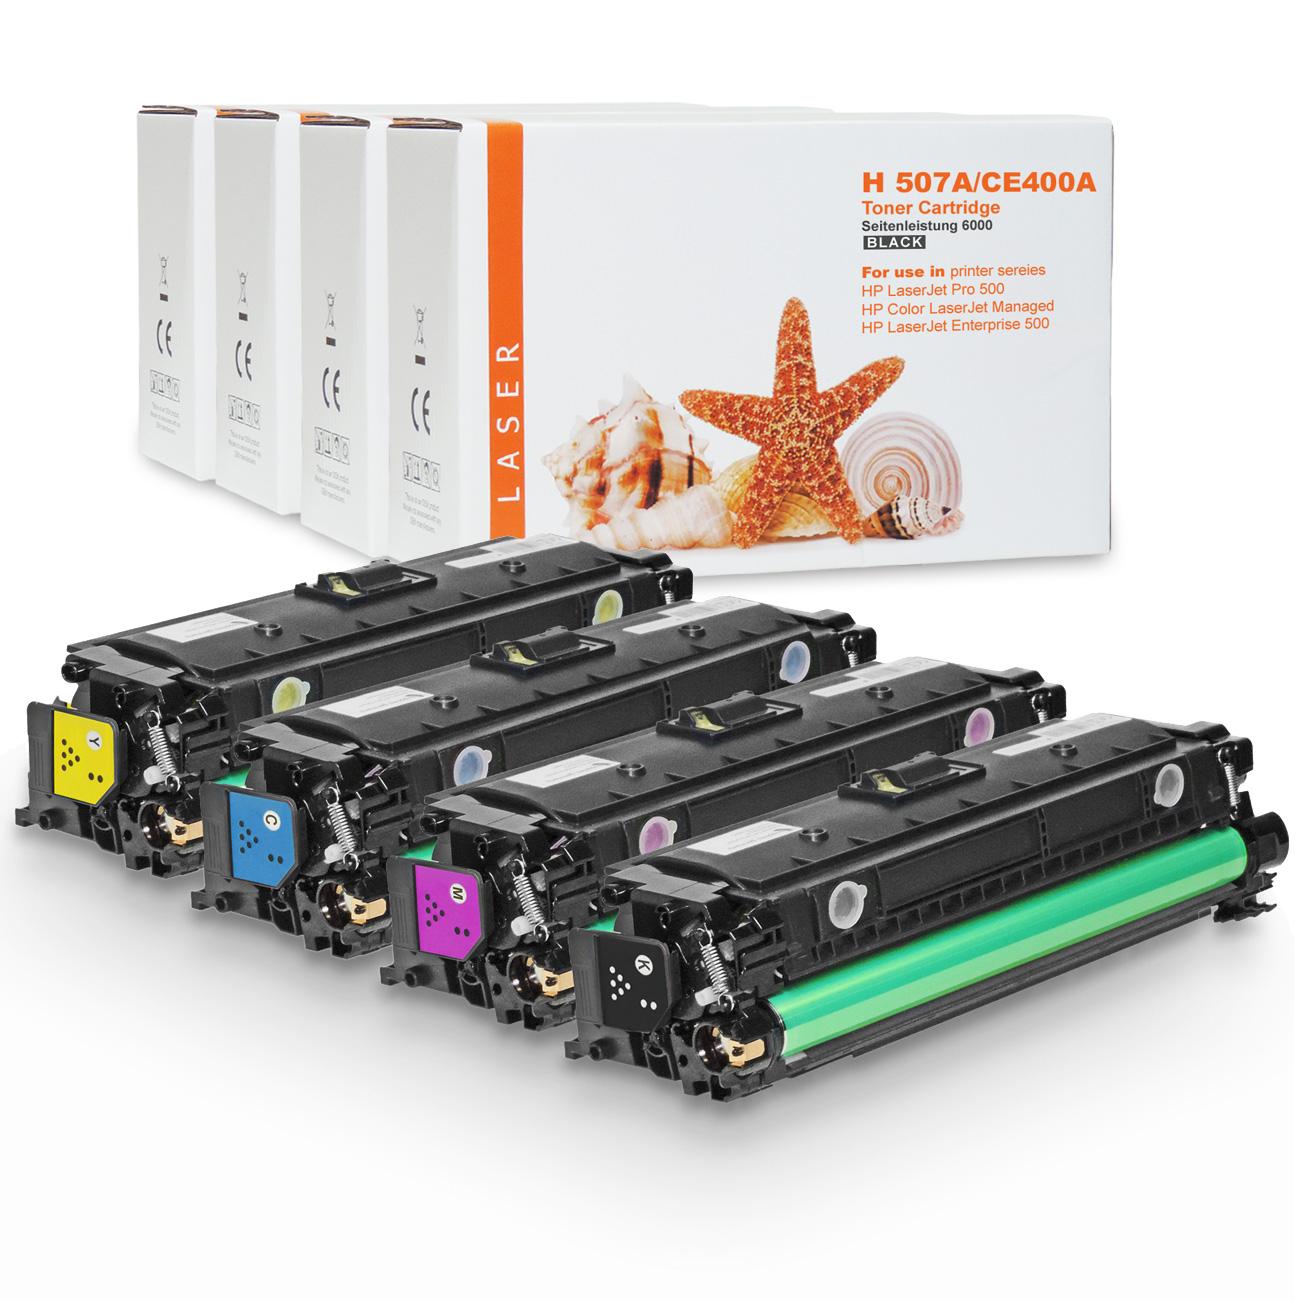 4-toner alle Farben ersetzt HP507 / HP CE400X, CE401A, CE403A, CE402A